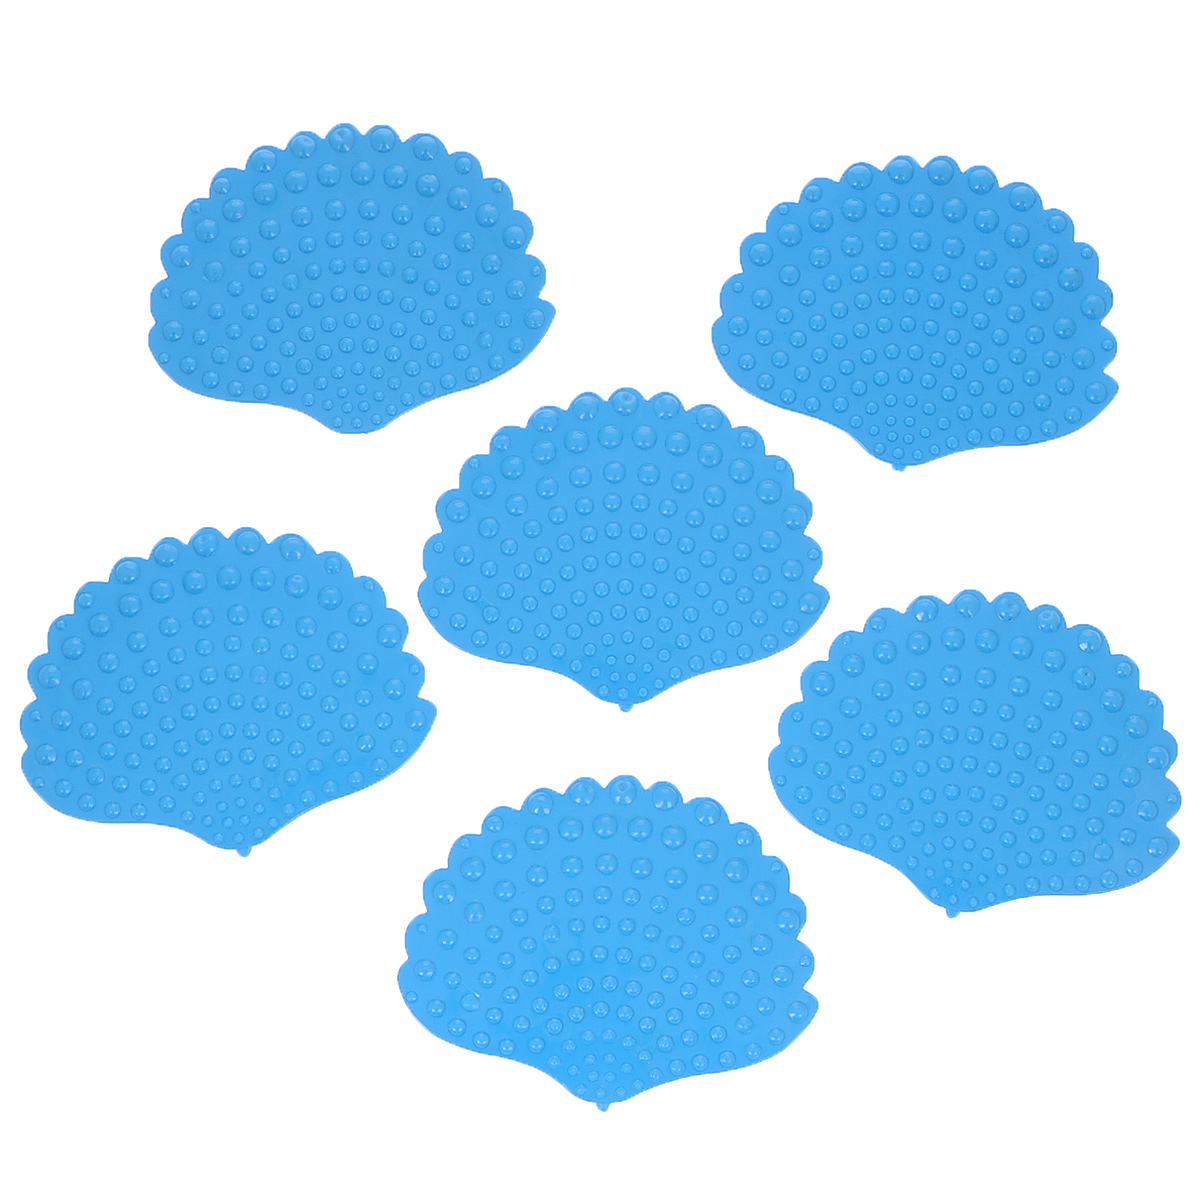 Набор мини-ковриков для ванной Dom Company Ракушка перламутровая, цвет: голубой, 6 шт.S03301004Набор Dom Company Ракушка перламутровая состоит из шести мини-ковриков для ванной, изготовленных из 100% полимерных материалов в форме ракушек. Коврики оснащены присосками, предотвращающими скольжение. Их можно крепить на дно ванны или использовать как декор для плитки. Коврики легко чистить.